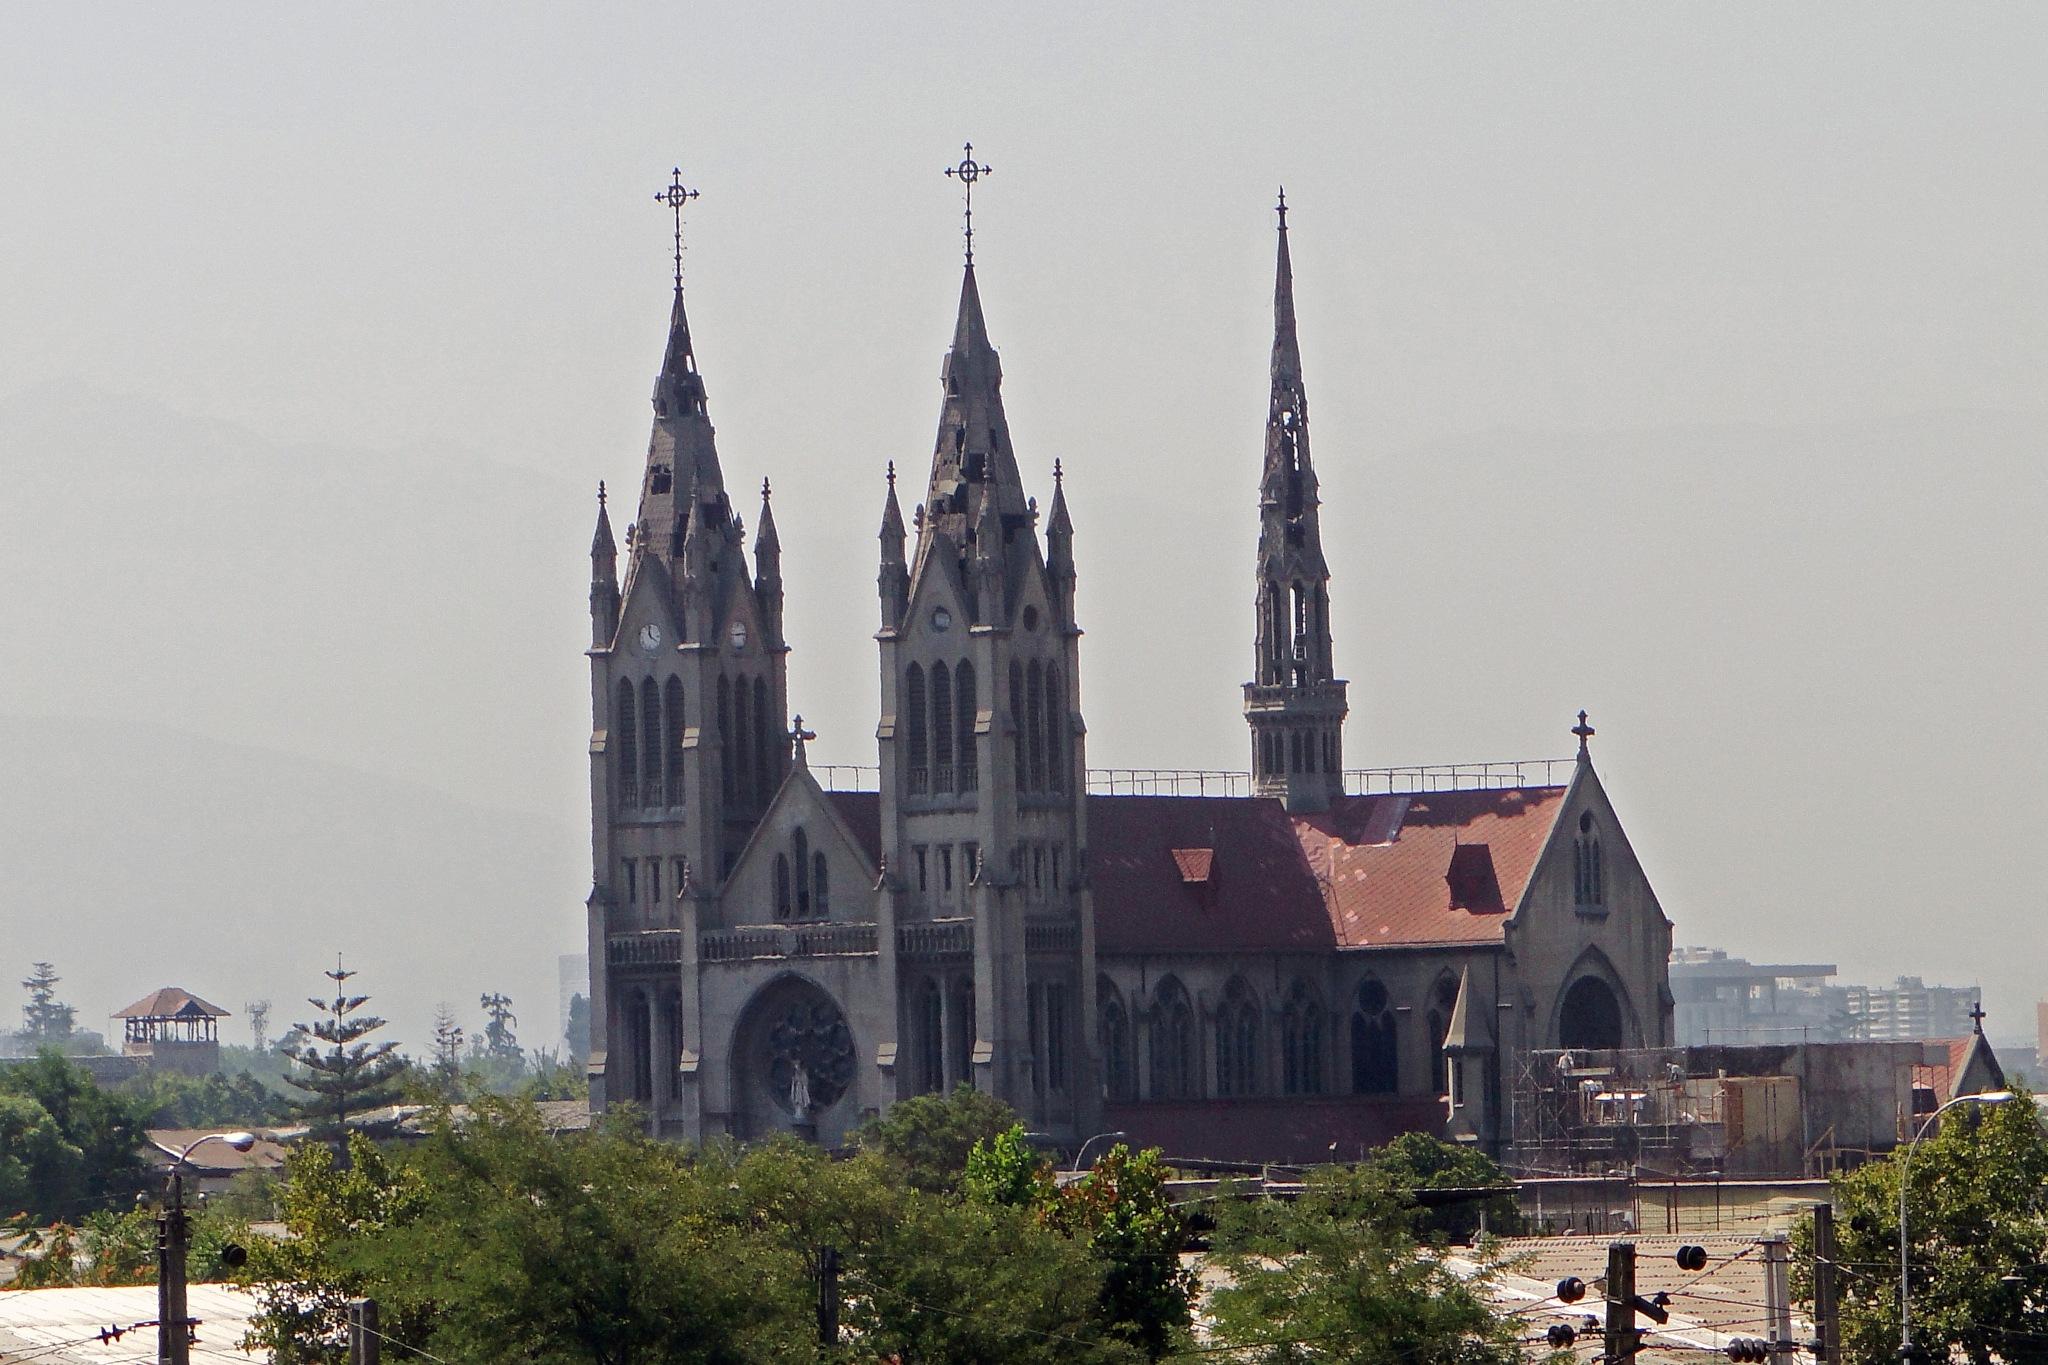 (1.000) Parroquia Nuestra Señora del Perpetuo Socorro, RM de Santiago, Chile by Patricio Cabezas